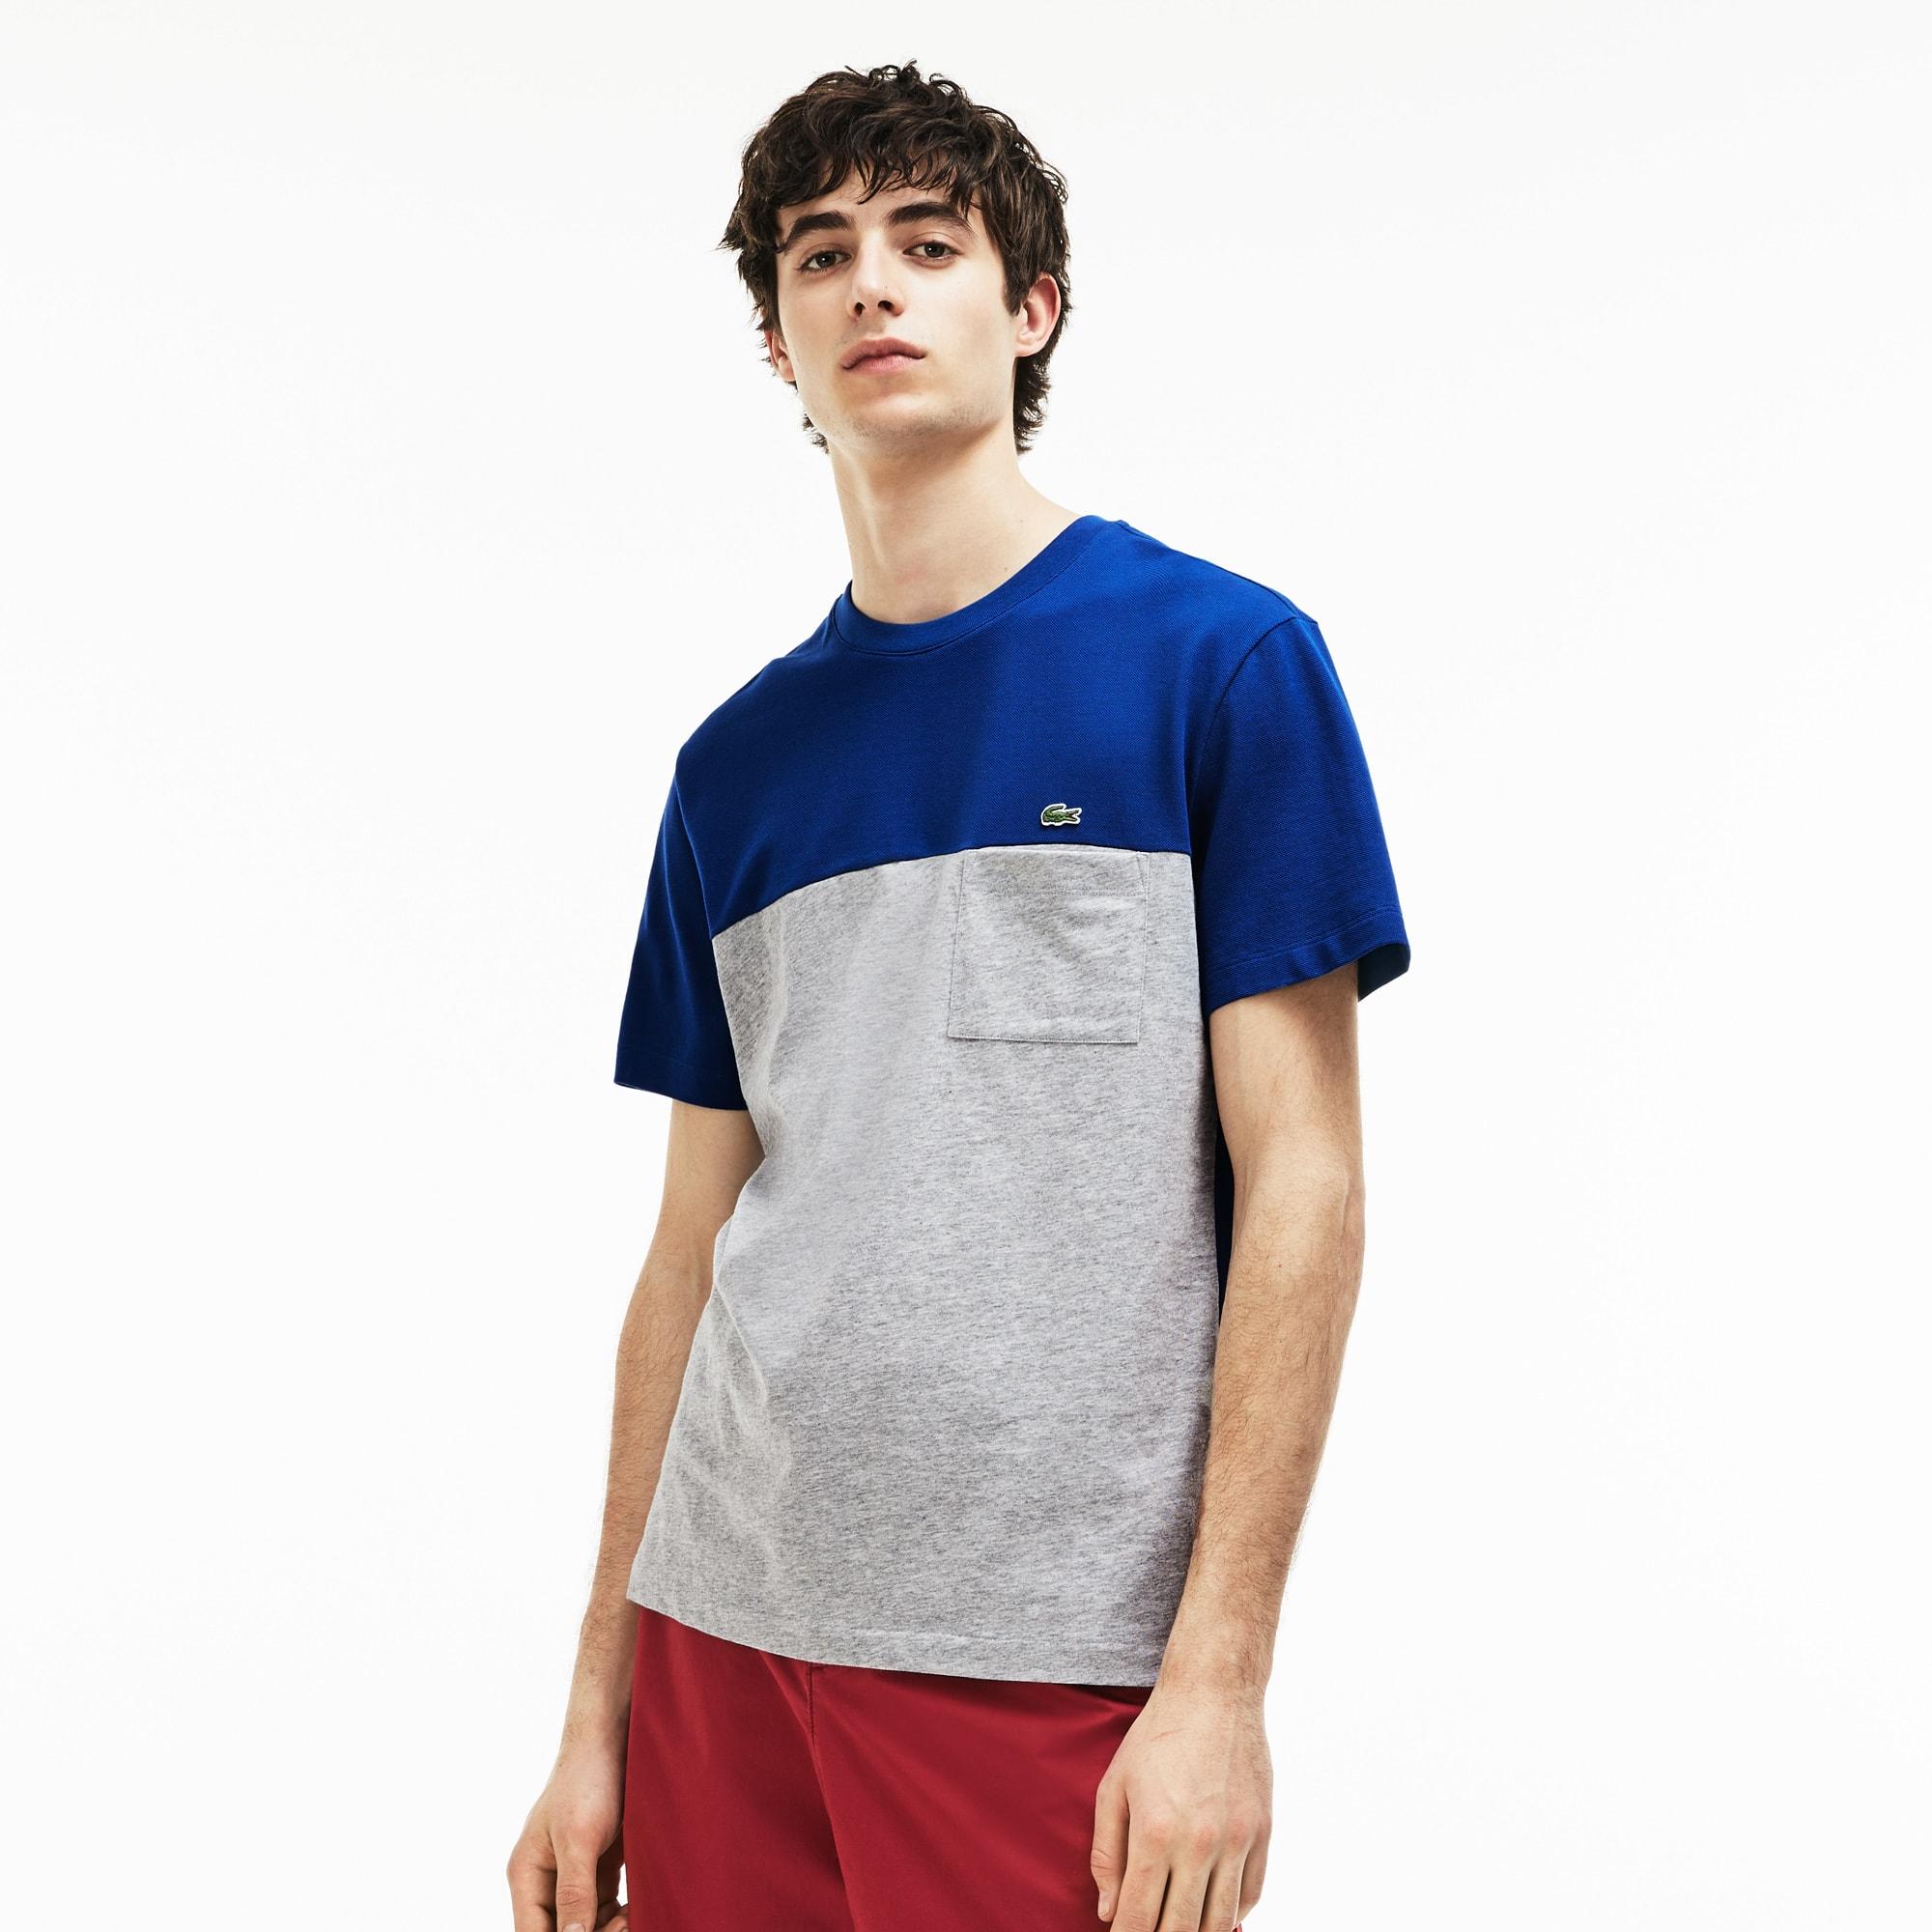 Herren-Rundhals-T-Shirt aus Mini-Piqué im Colorblock-Design